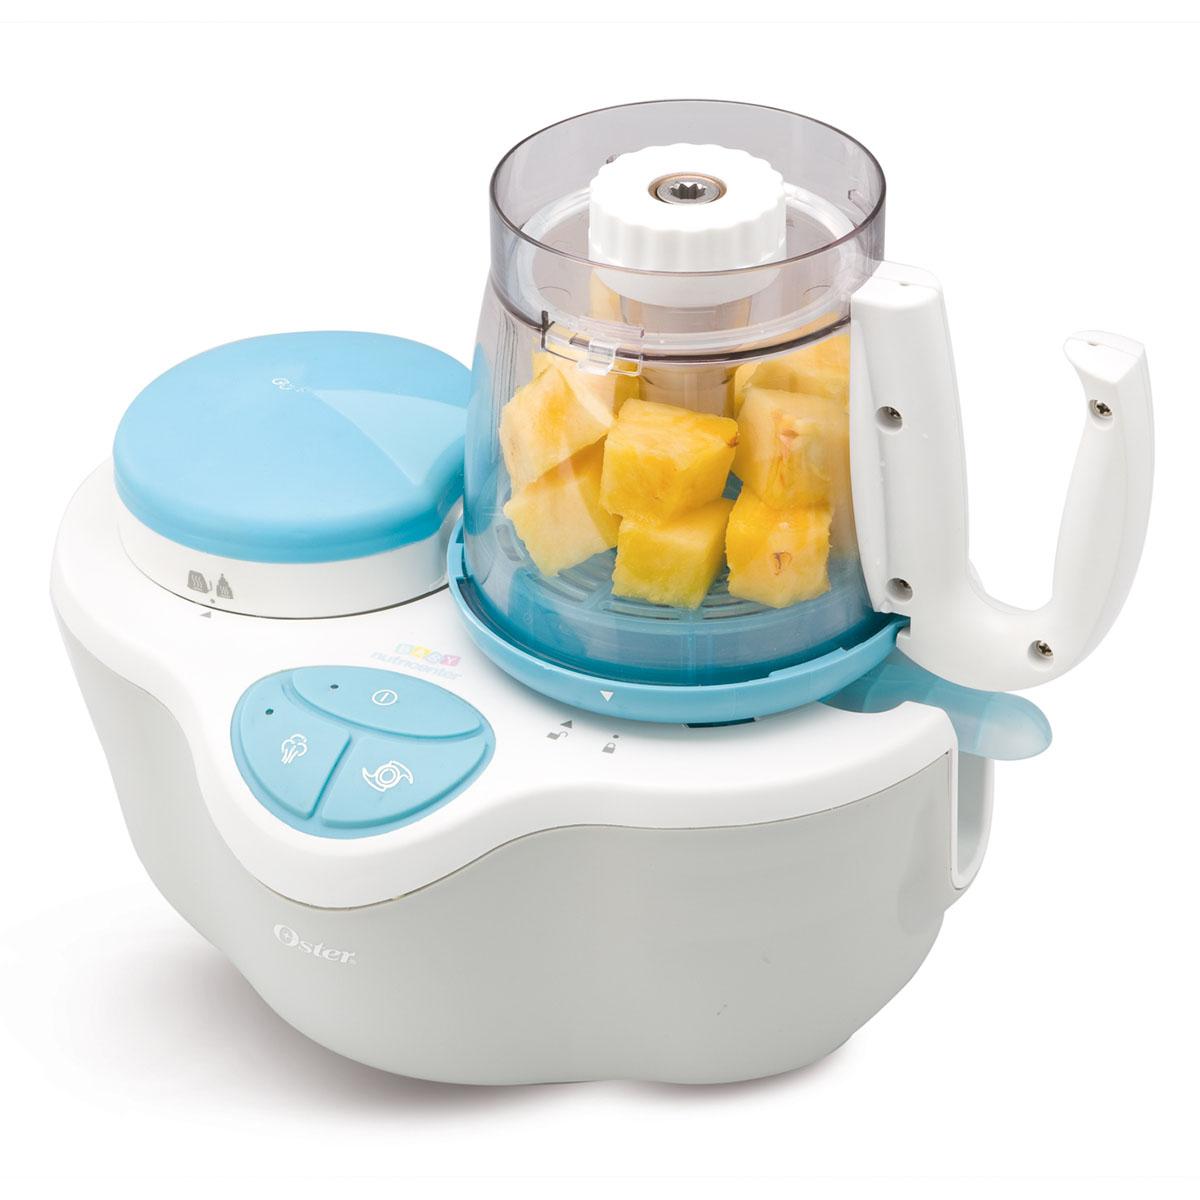 Procesadora de alimentos panama baby rentals for Que es un procesador de alimentos